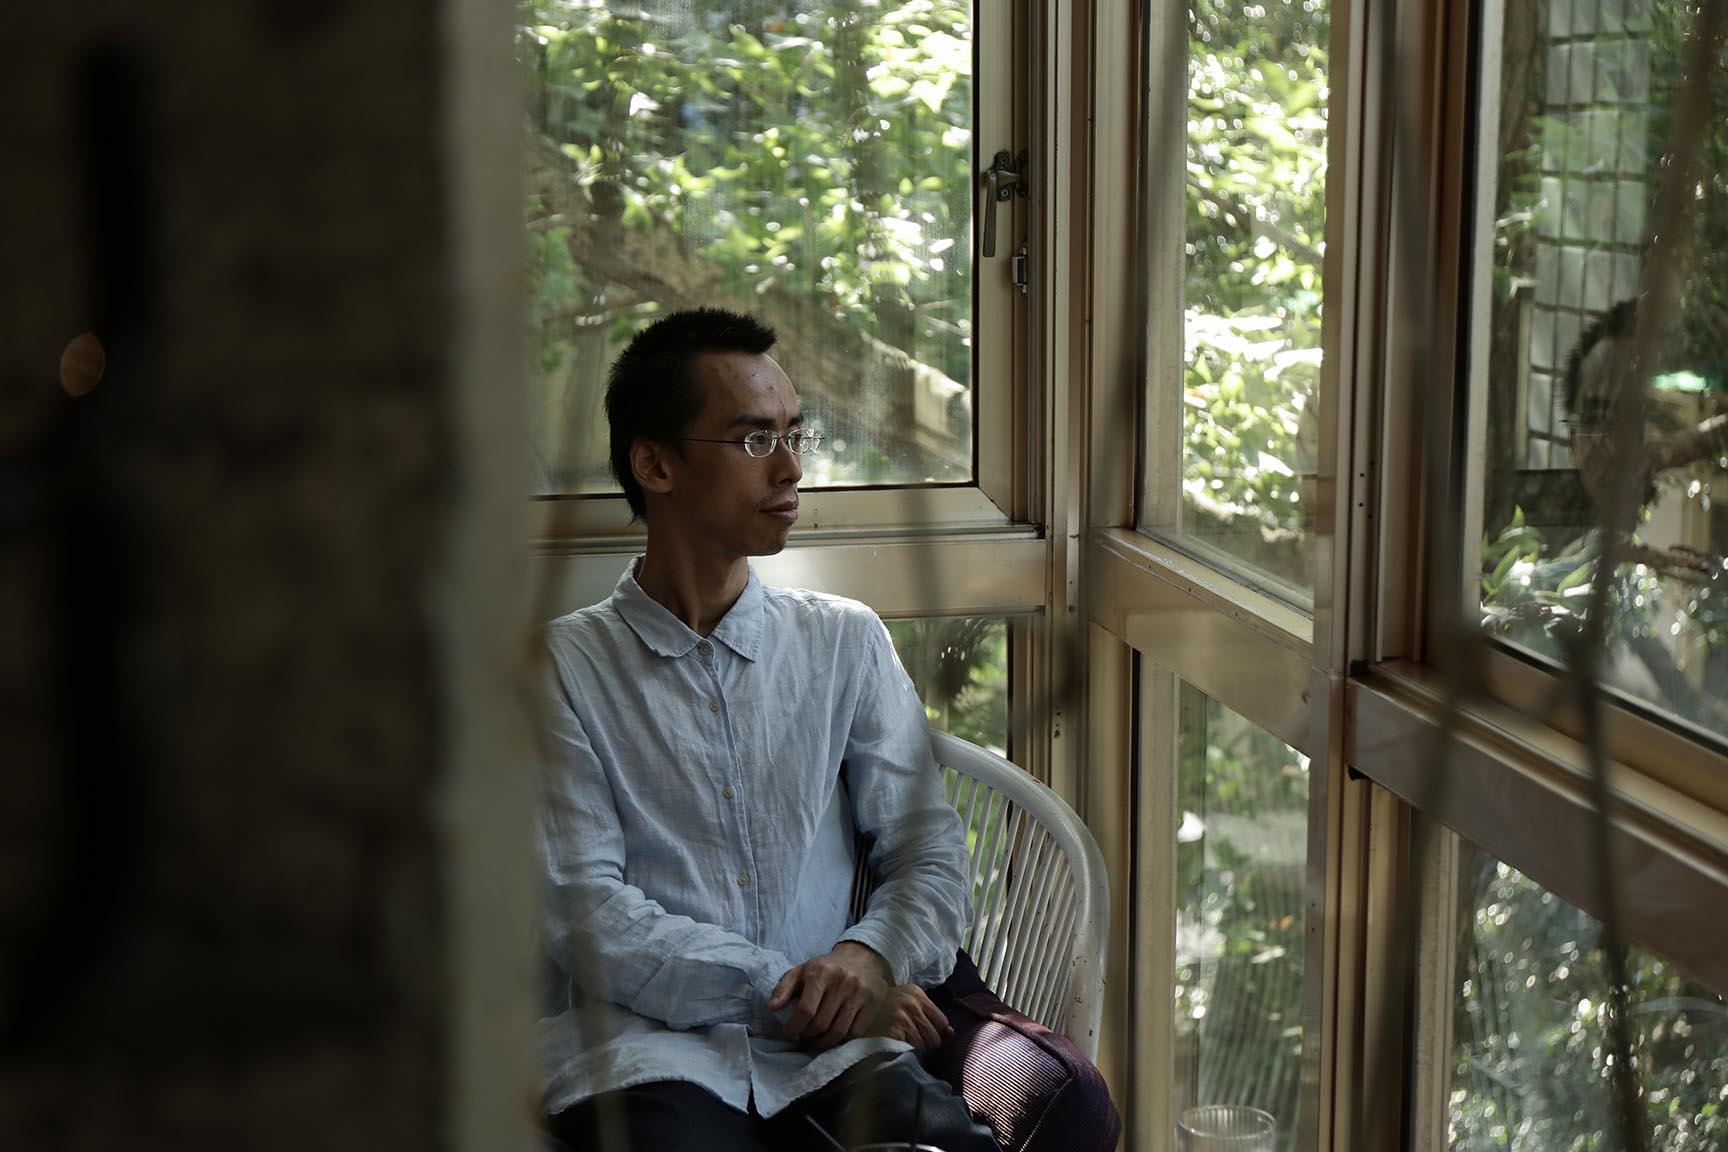 陳潔晧在其著作《不再沉默》中,描繪了被性侵與虐待的記憶。